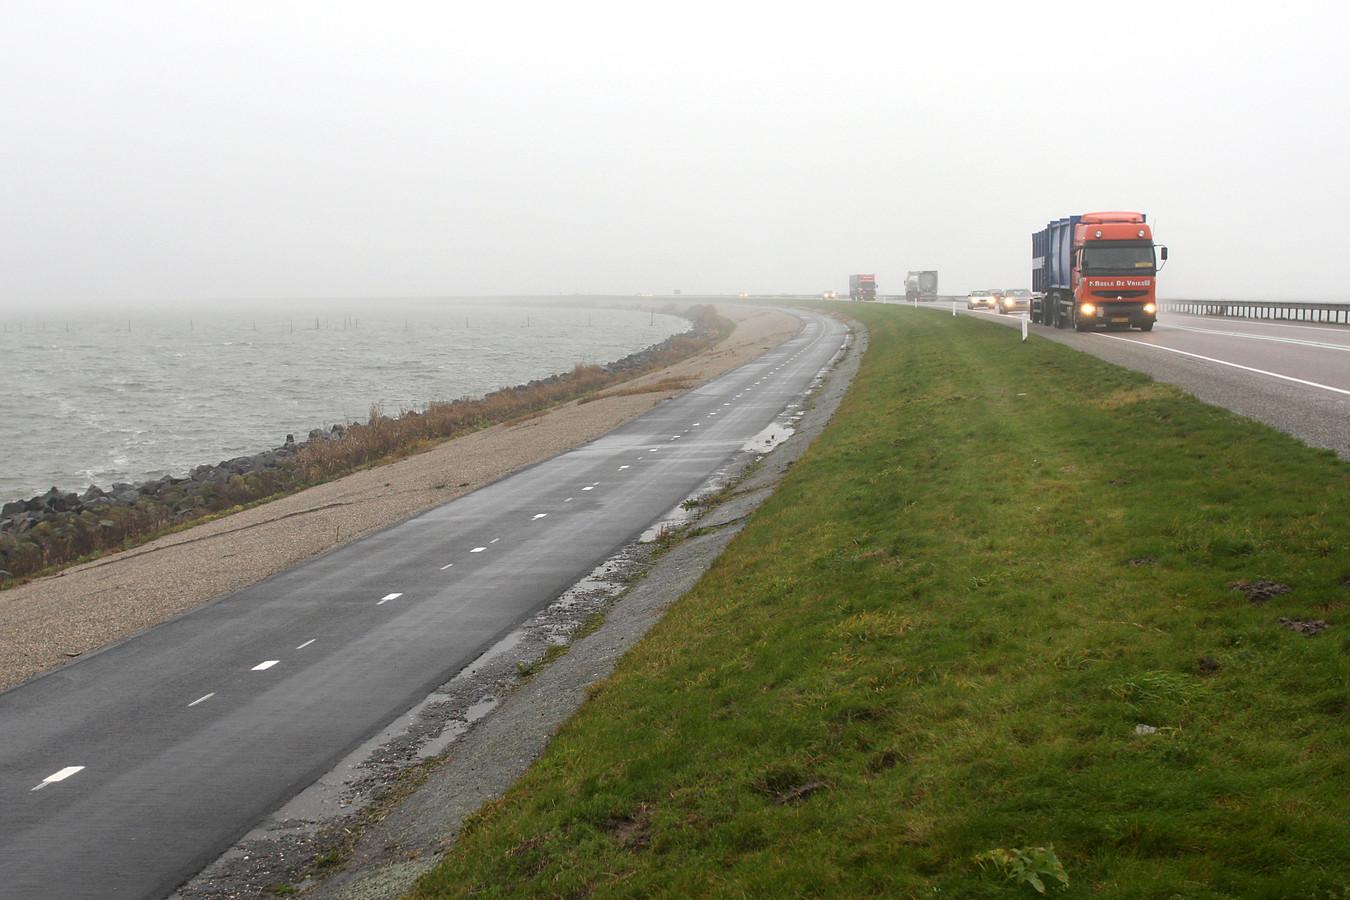 Archiefbeeld: De Markerwaarddijk tussen Lelystad en Enkhuizen.